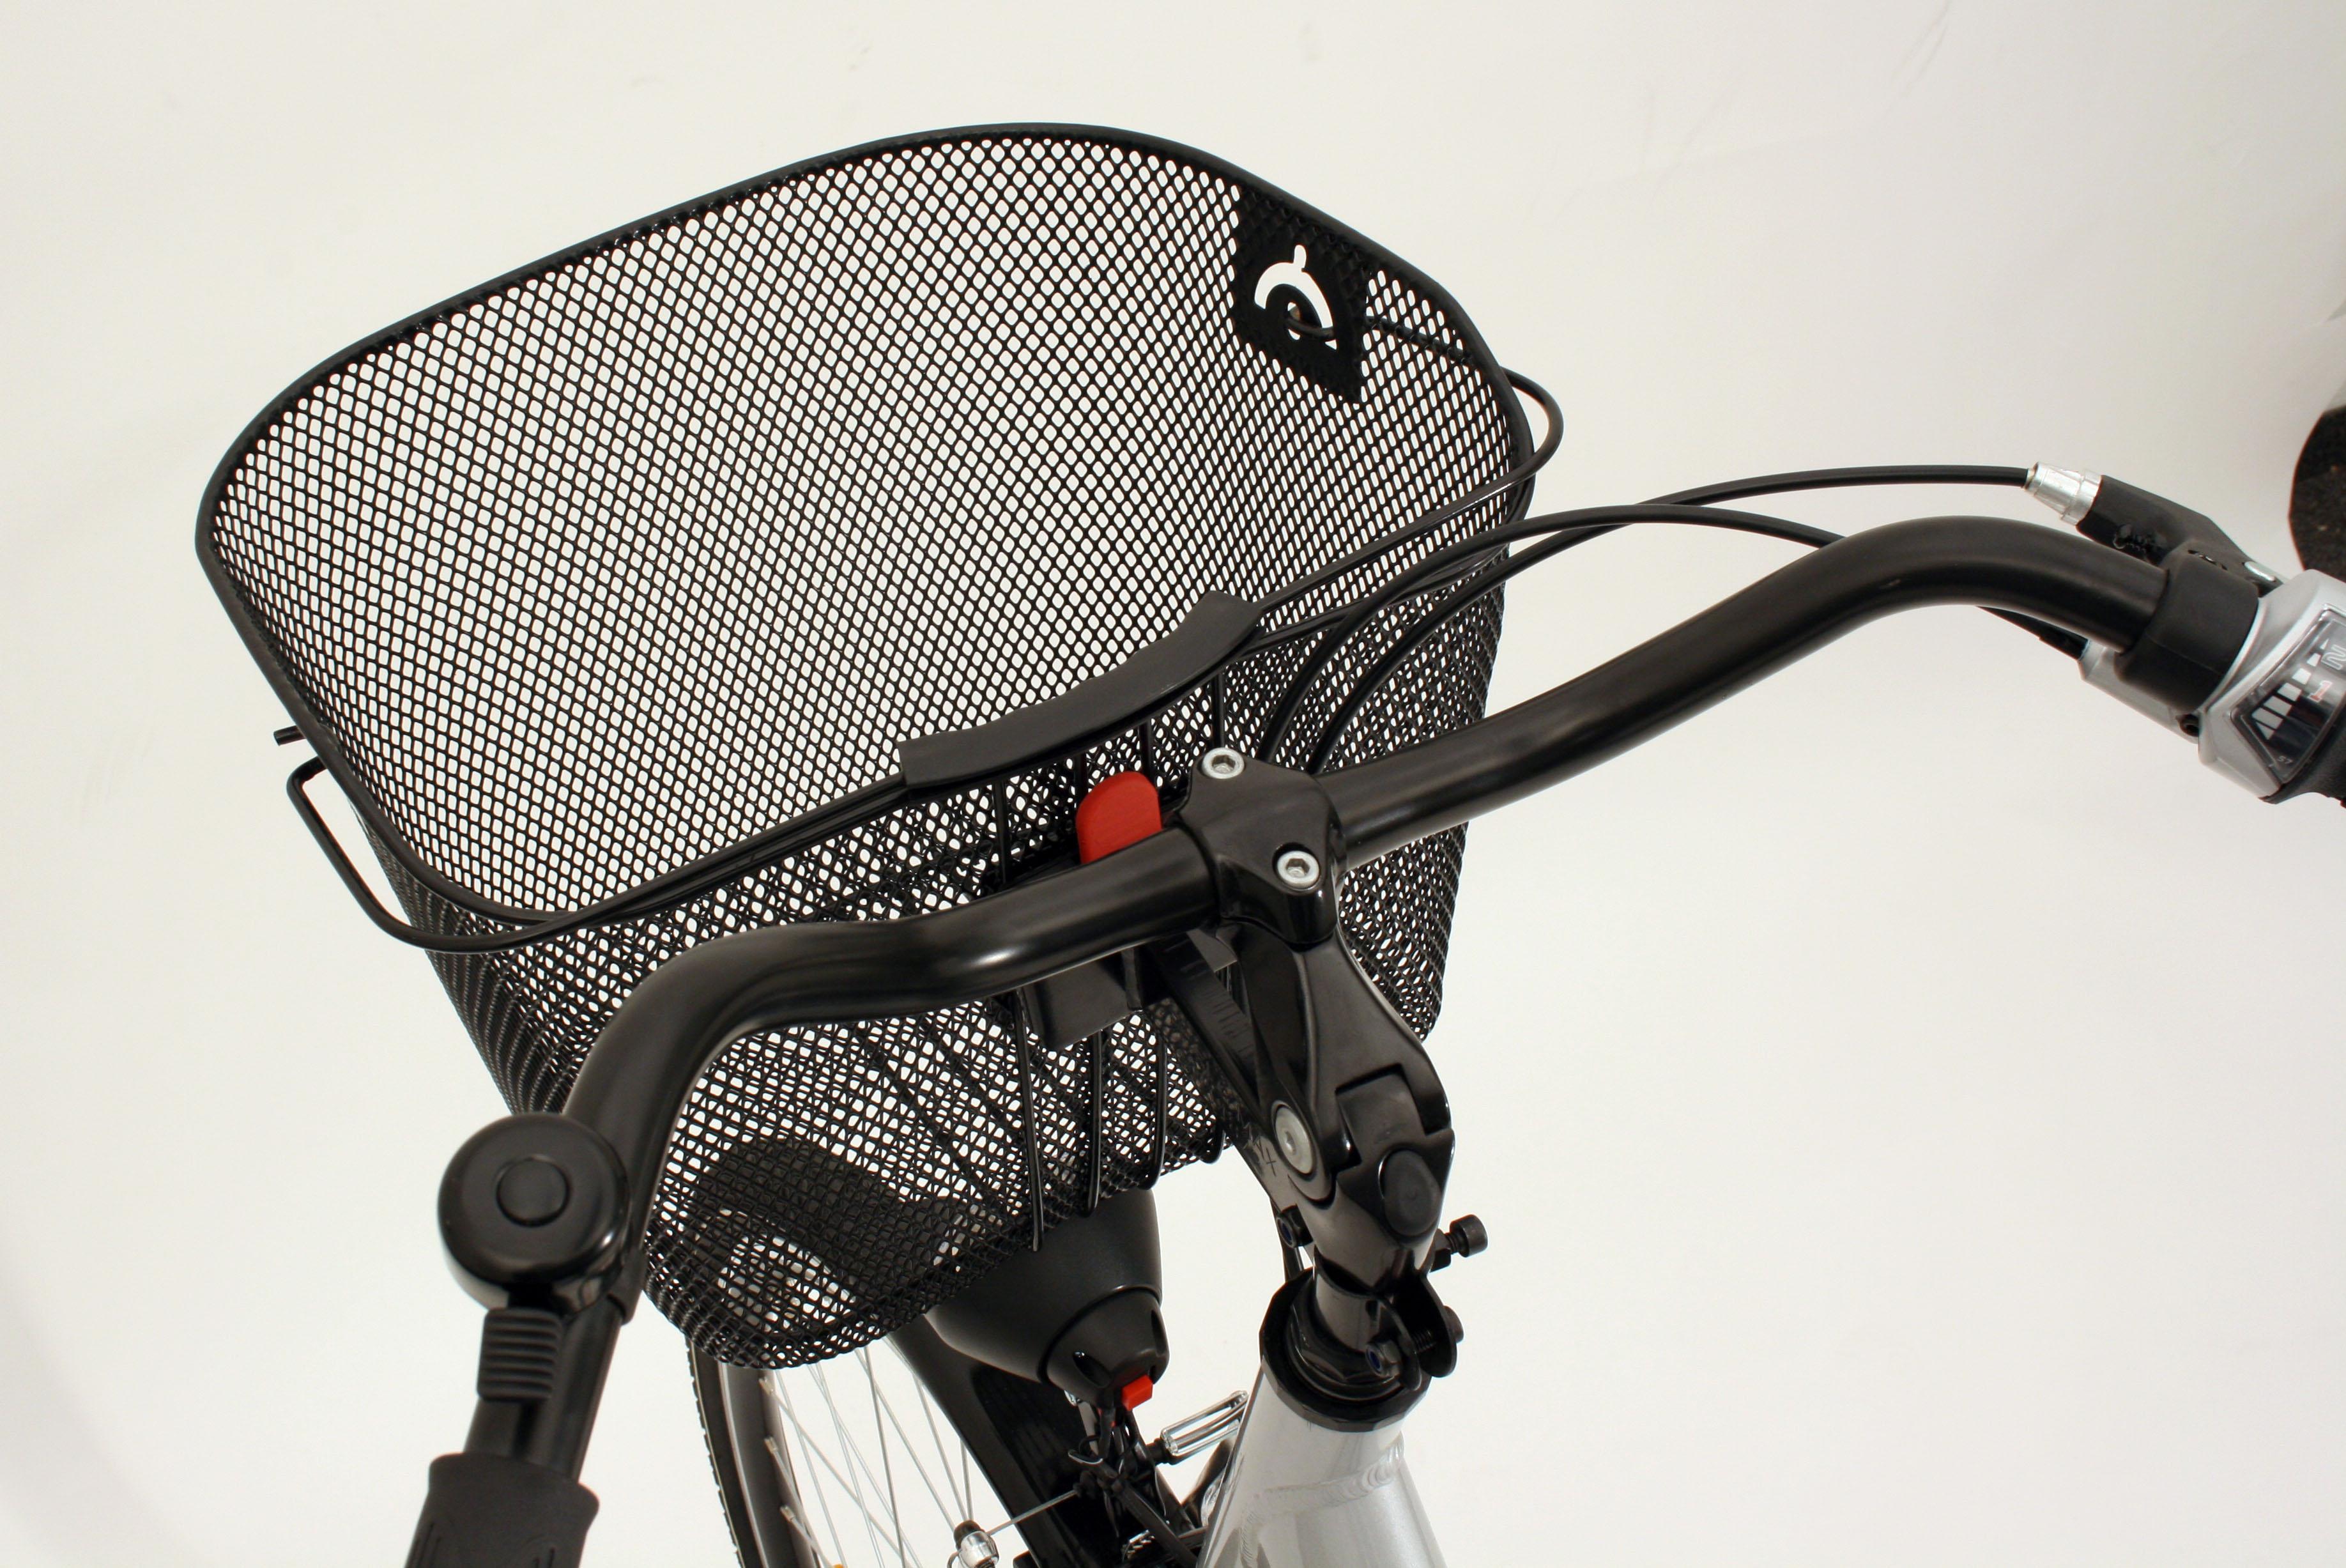 Prophete Fahrradkorb City schwarz Rad-Ausrüstung Radsport Sportarten